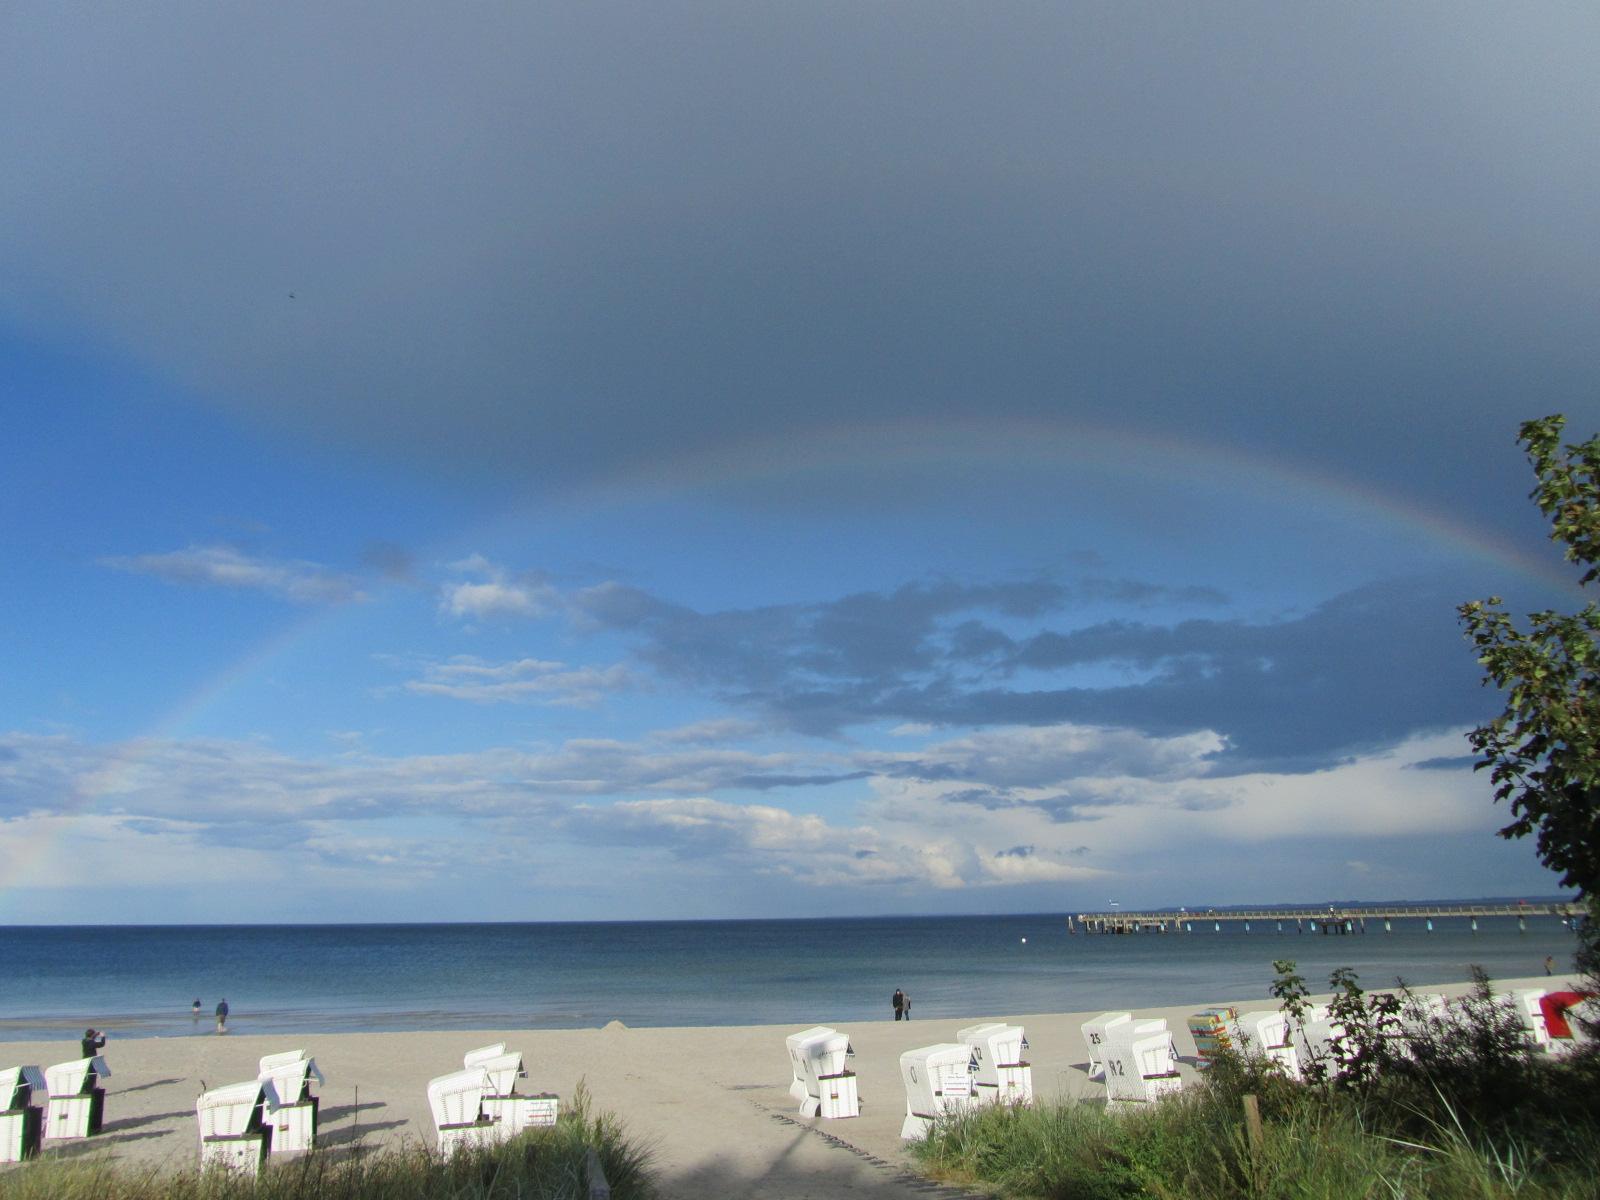 Ein Regenbogen spannt sich über die Ostsee